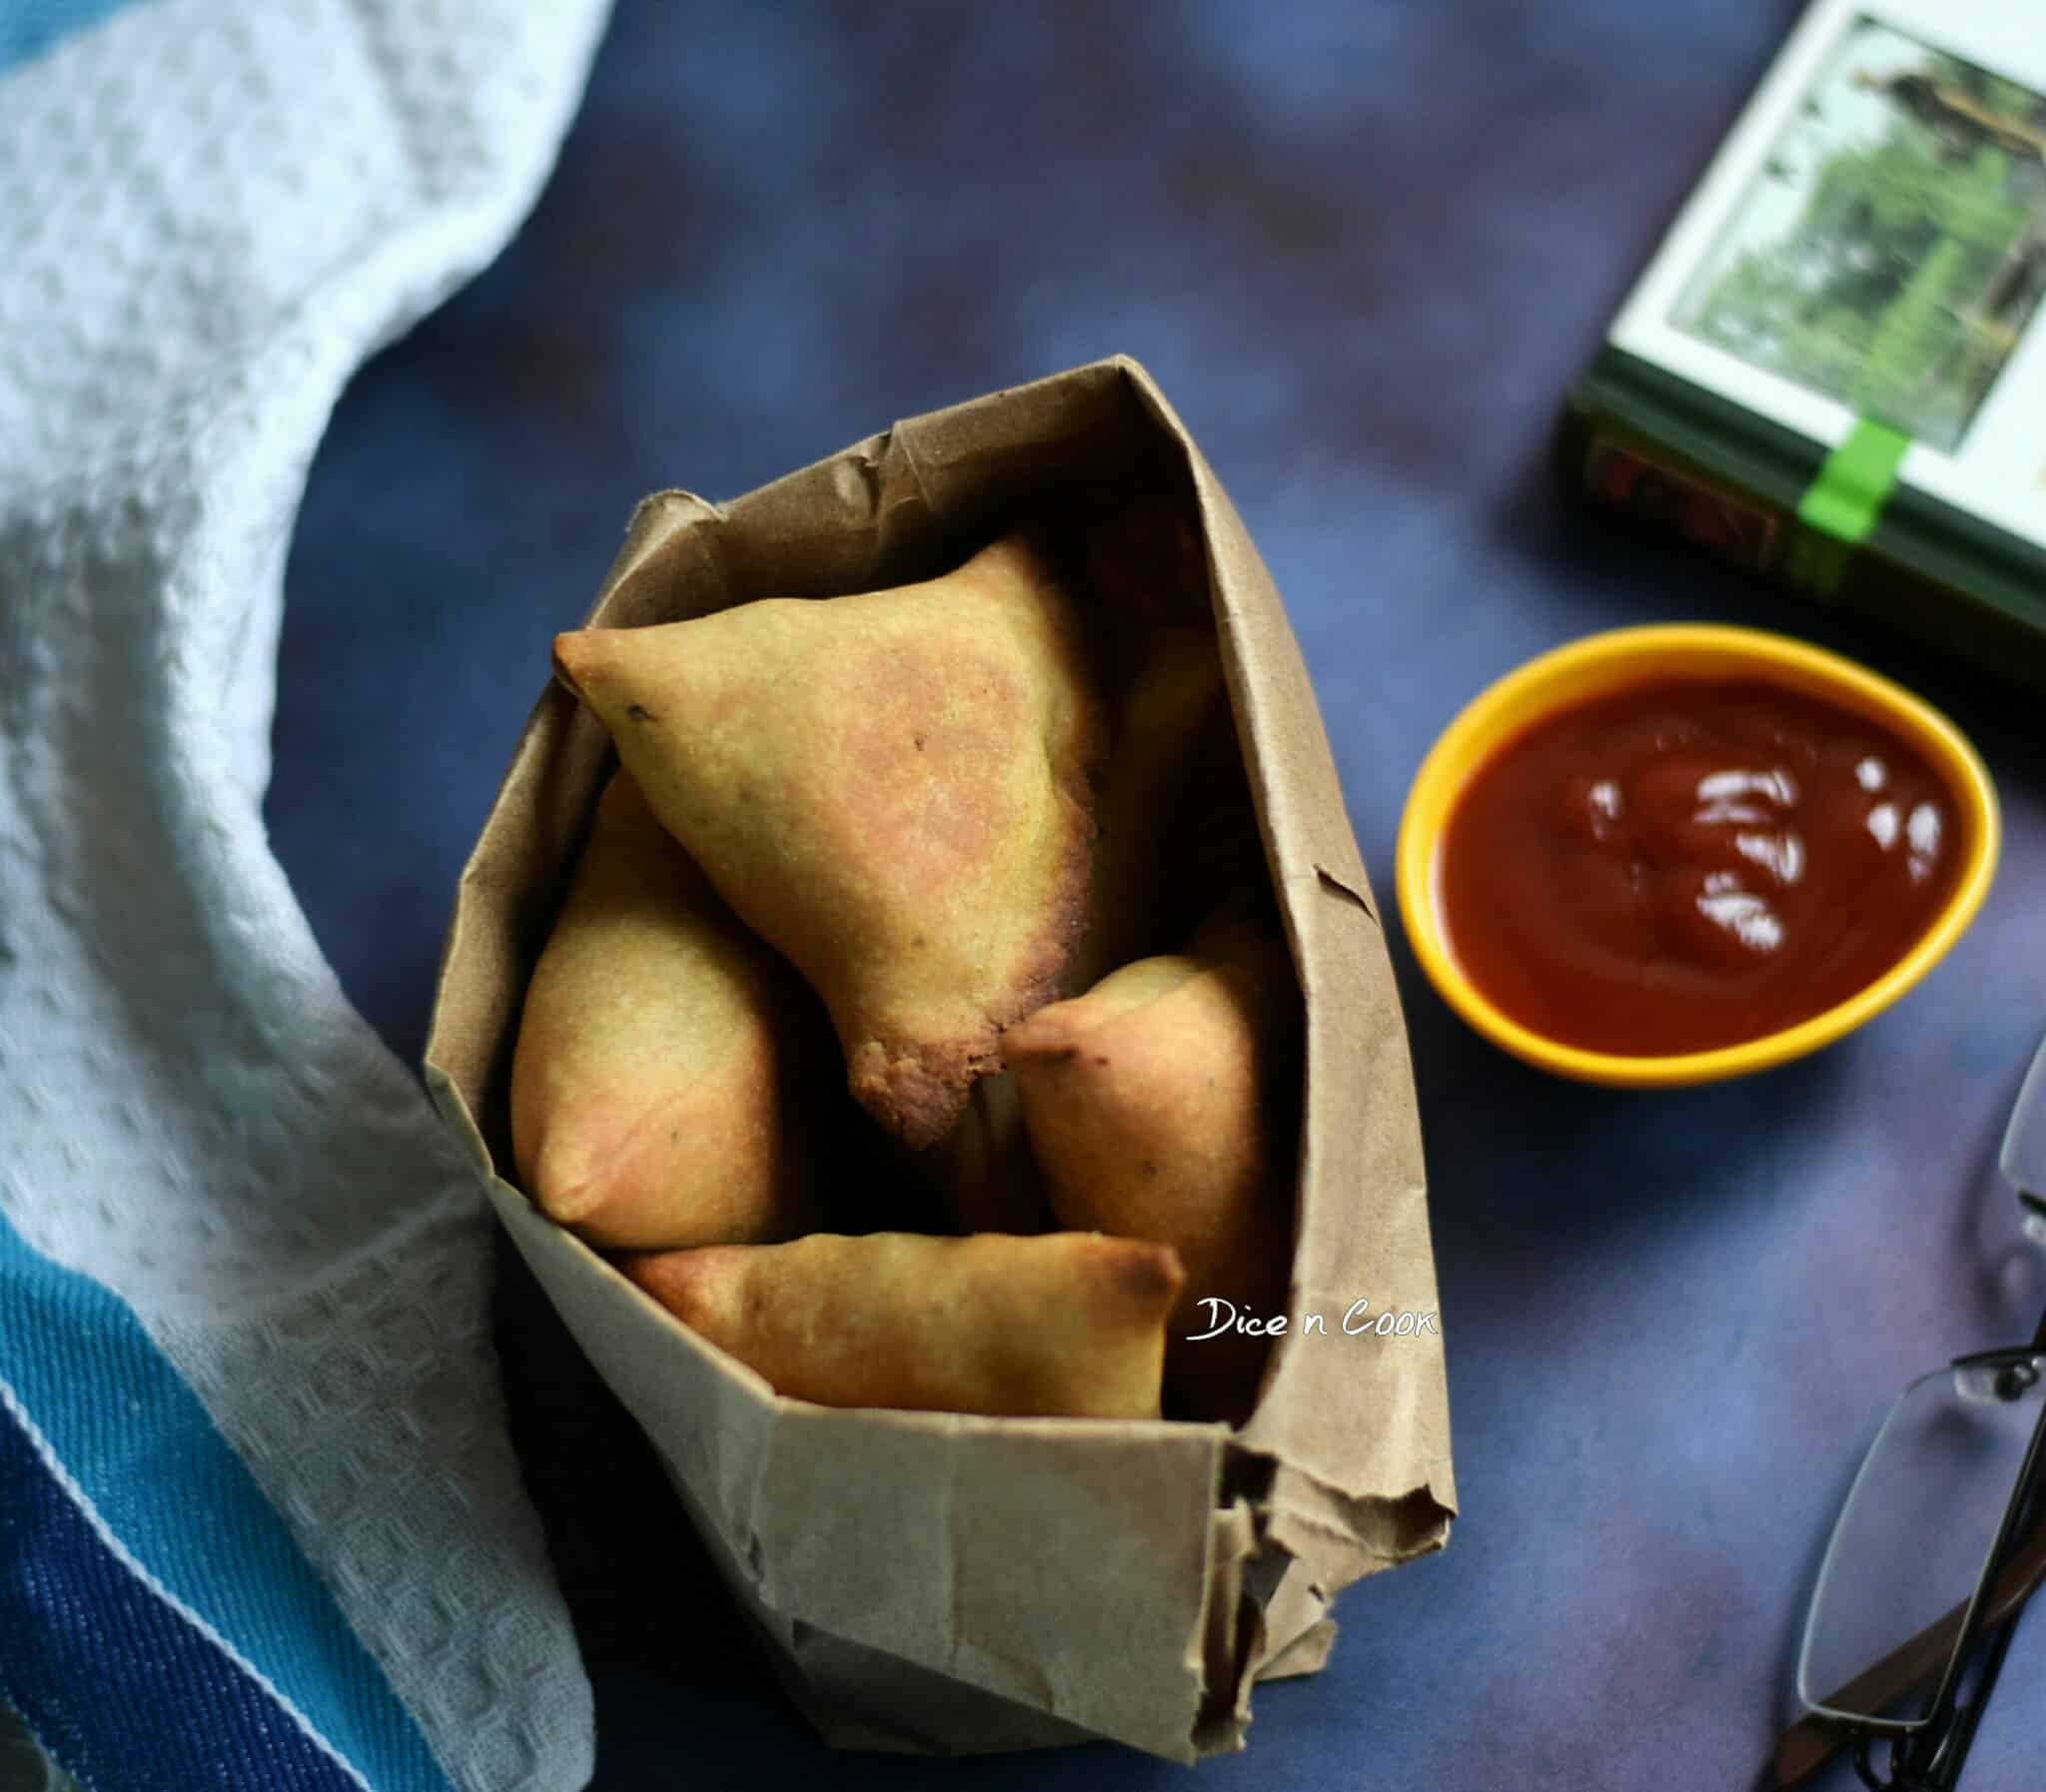 baked-dhansak-flavored-samosa-lot